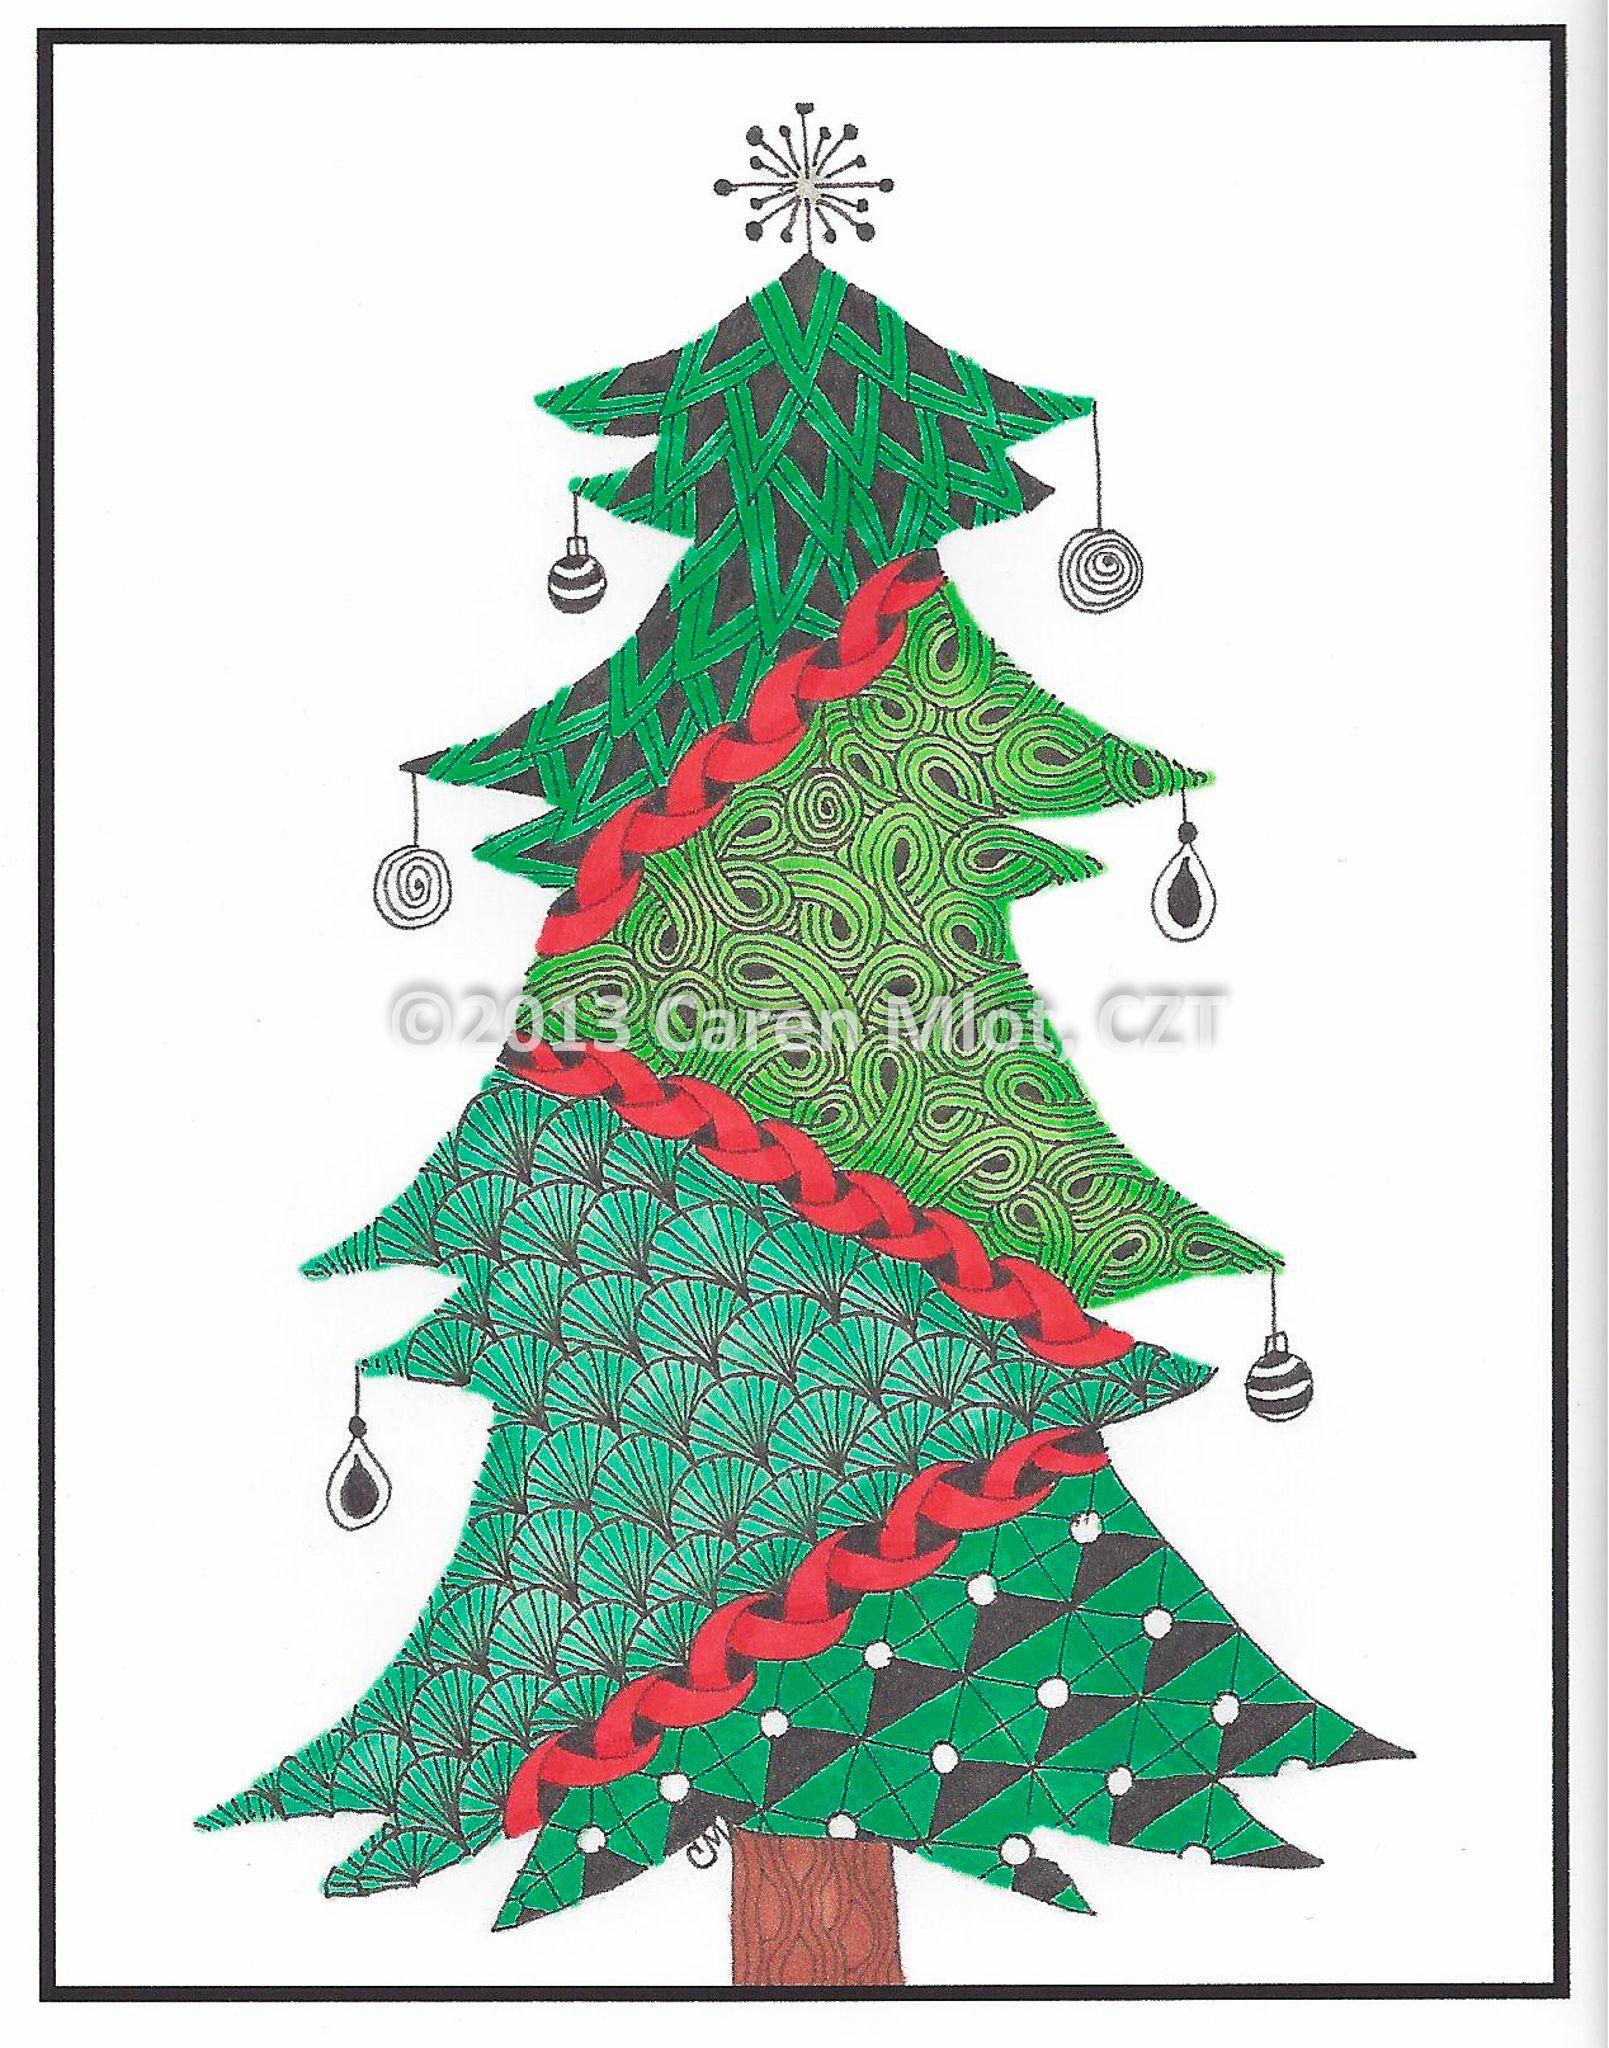 Zentangle Christmas card - Christmas tree (color) - Tangle Mania ...